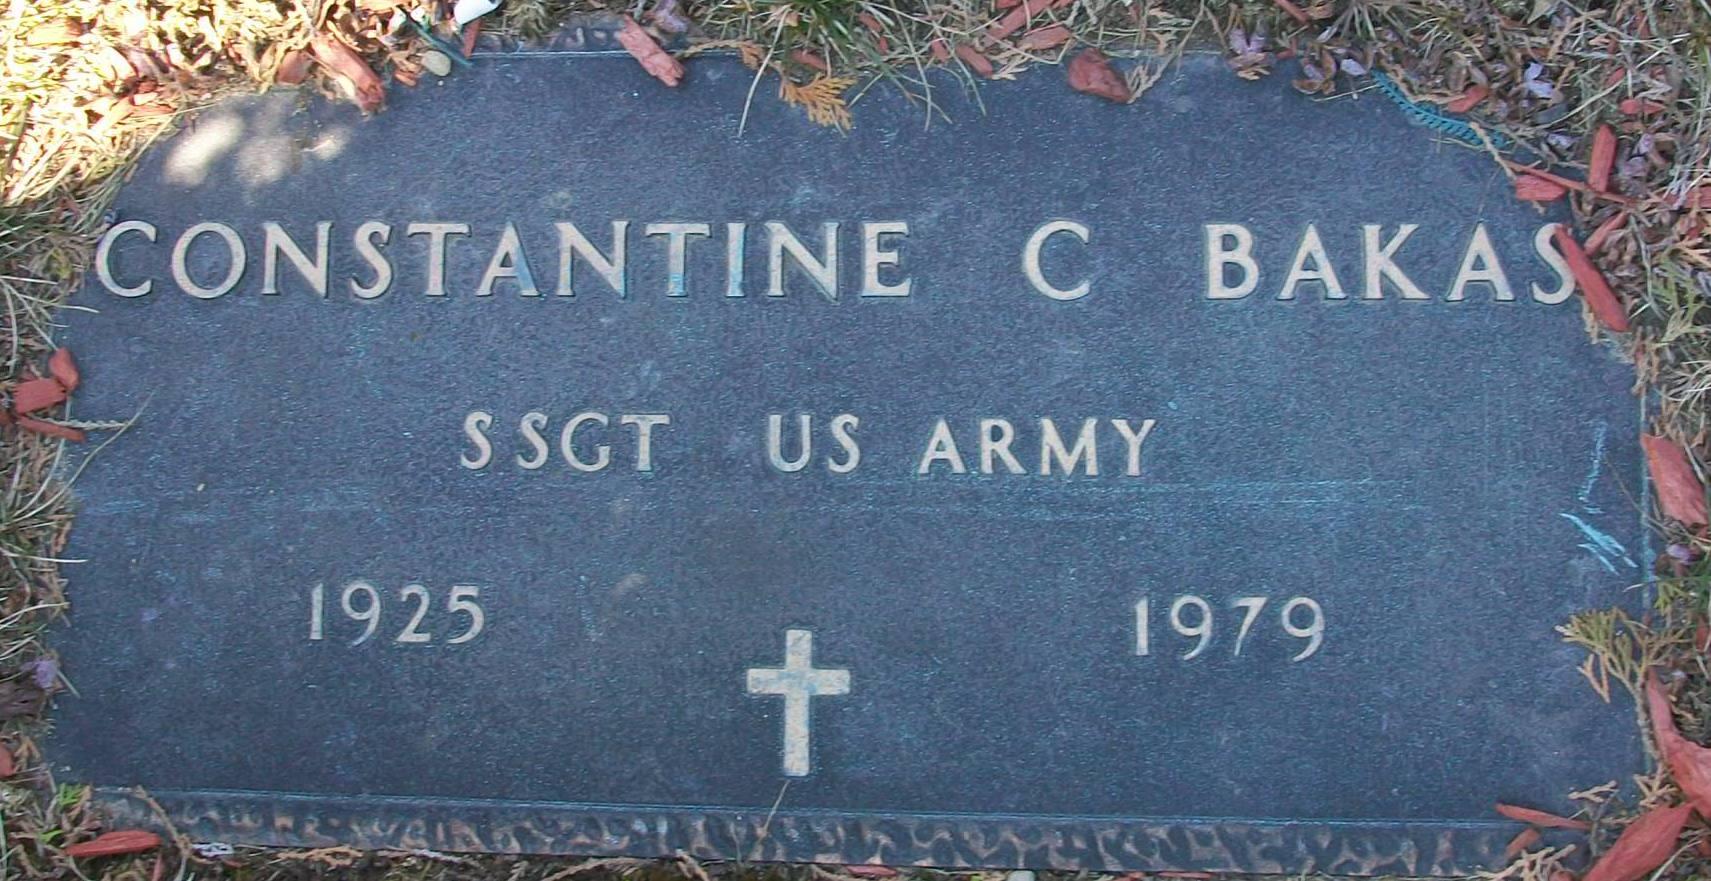 Constantine C. Bakas